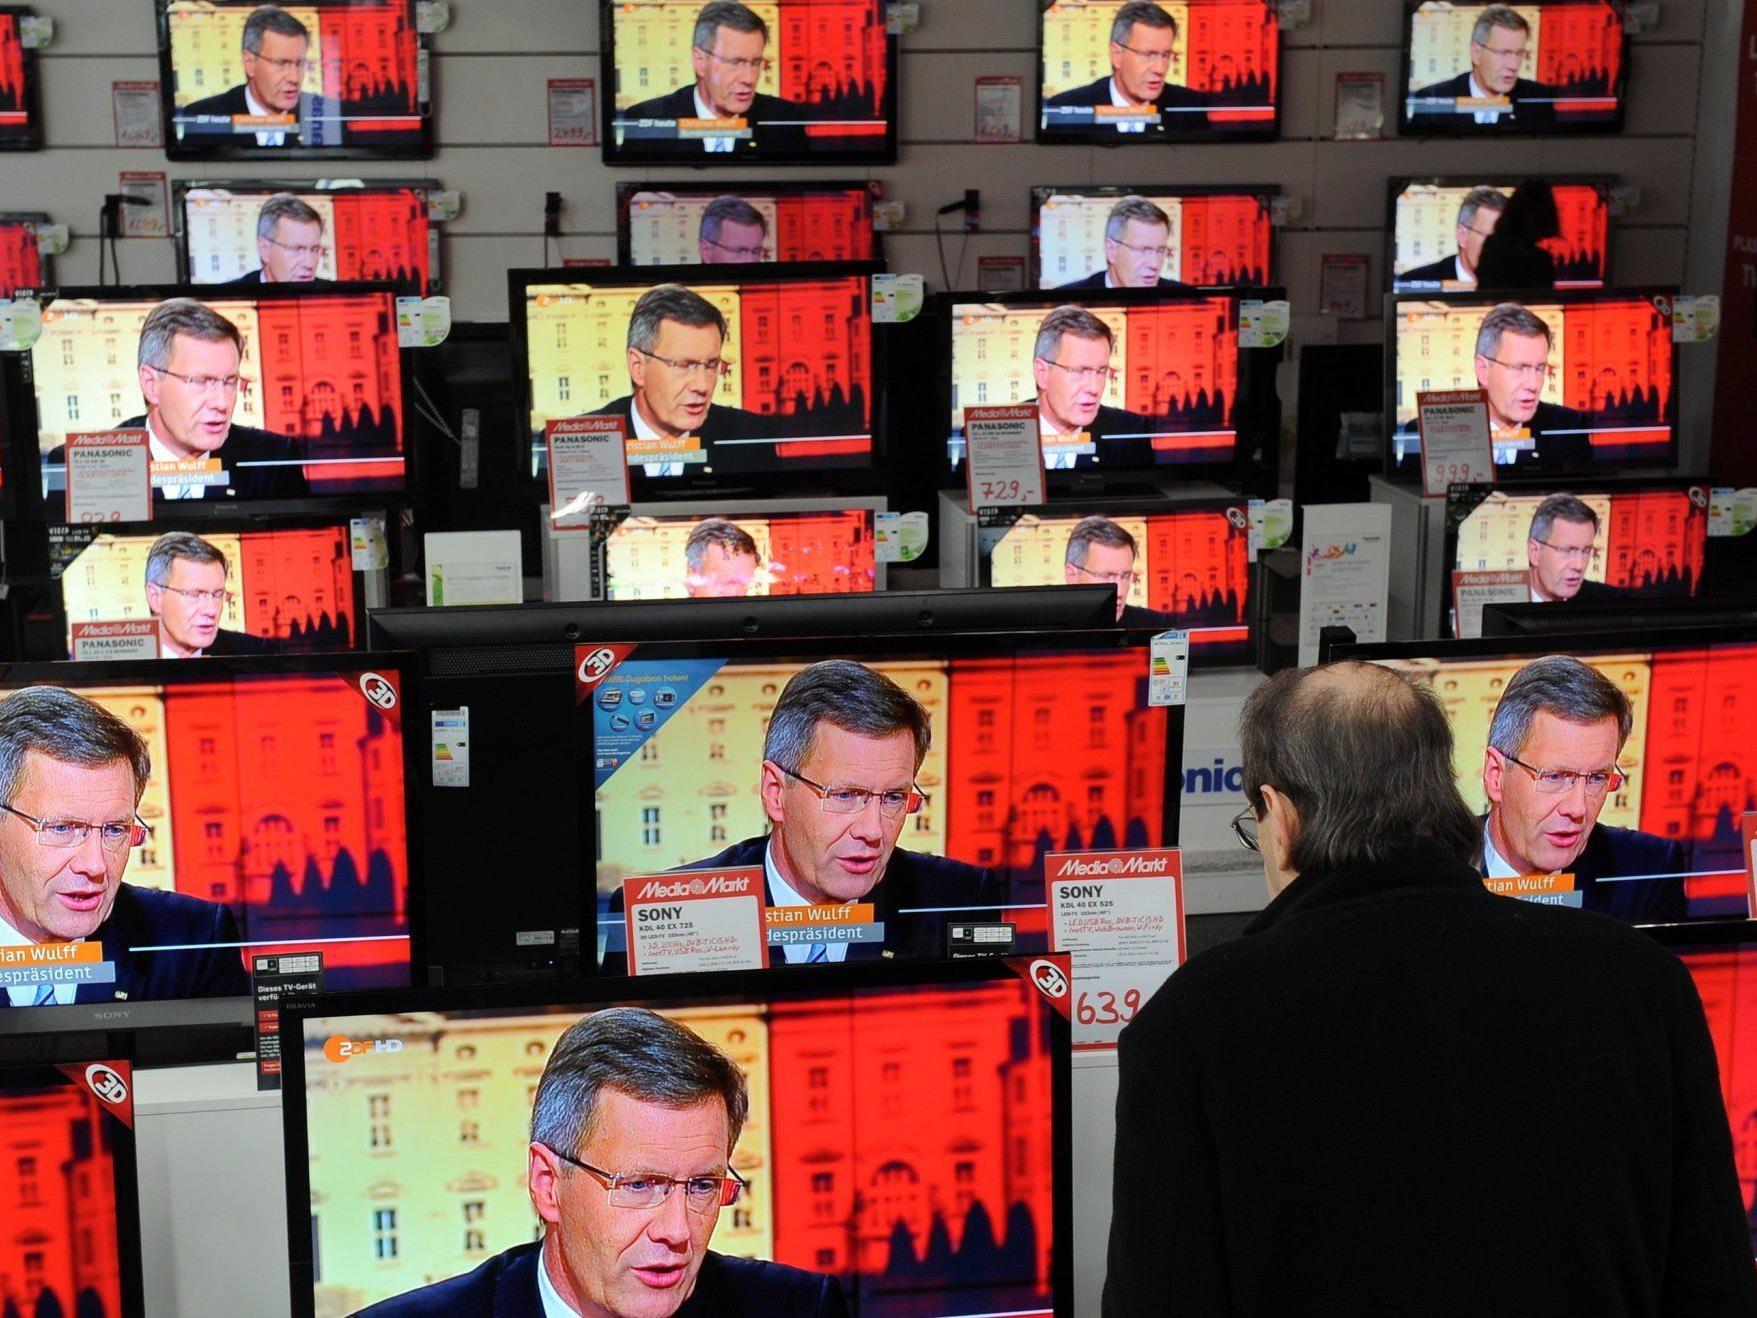 Wulff entschuldigte sich am Mittwoch im Fernseh-Interview. Einen Rücktritt lehnte er ab.